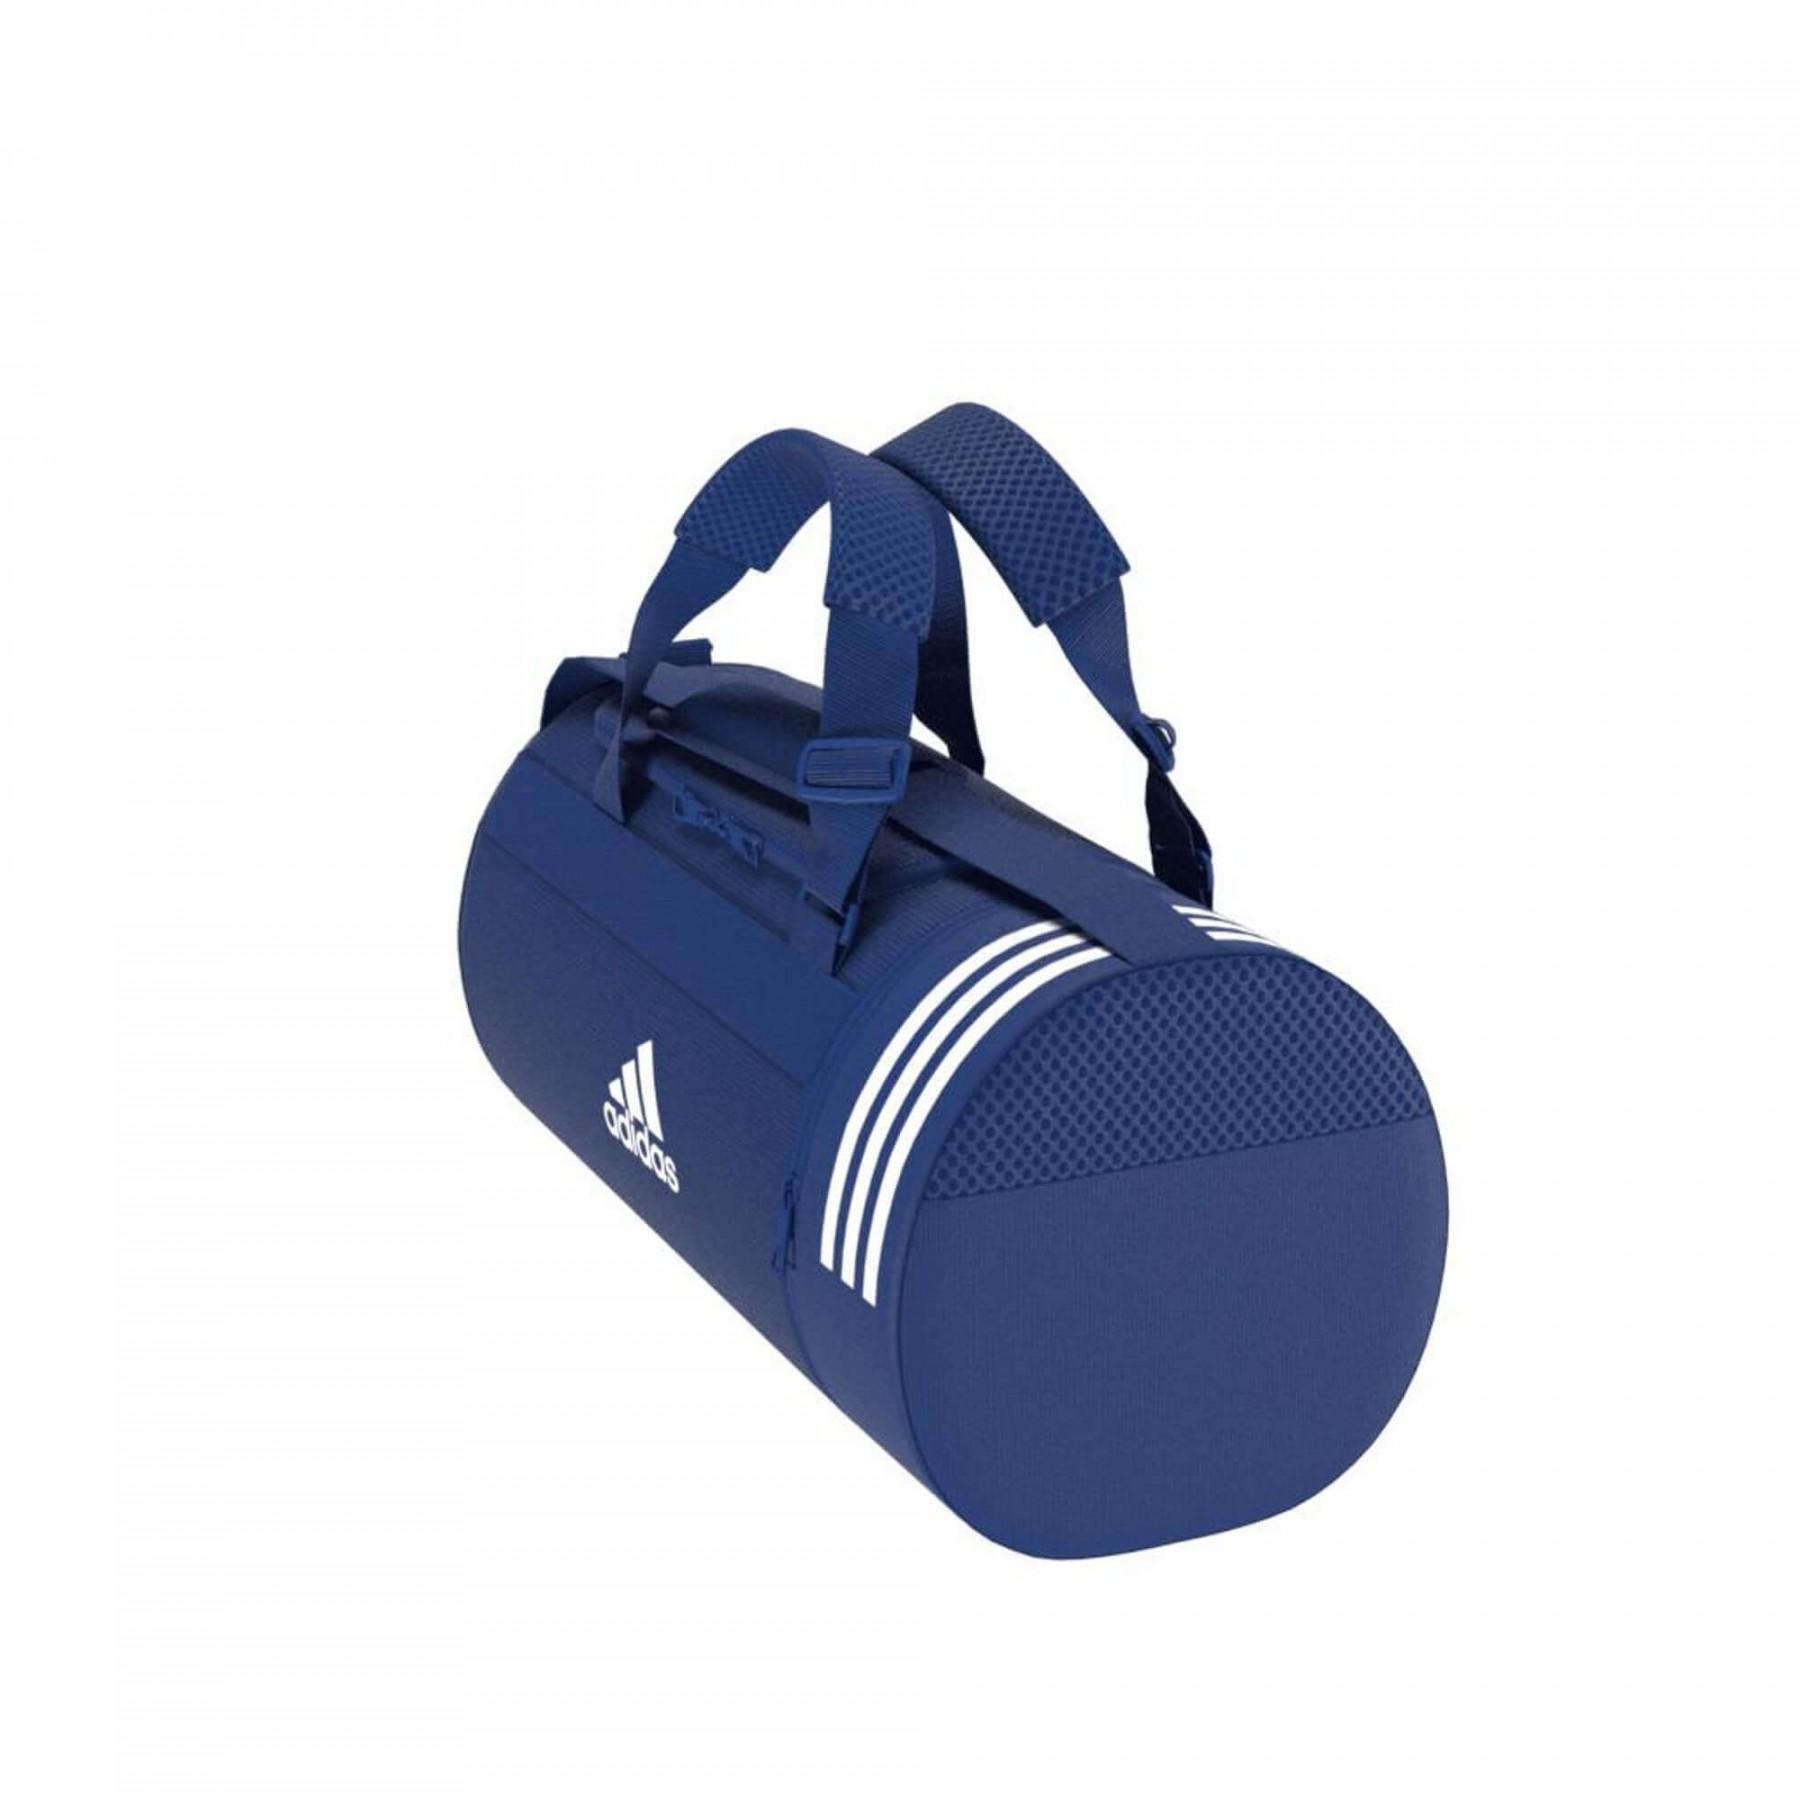 b6fe180a71 Adidas